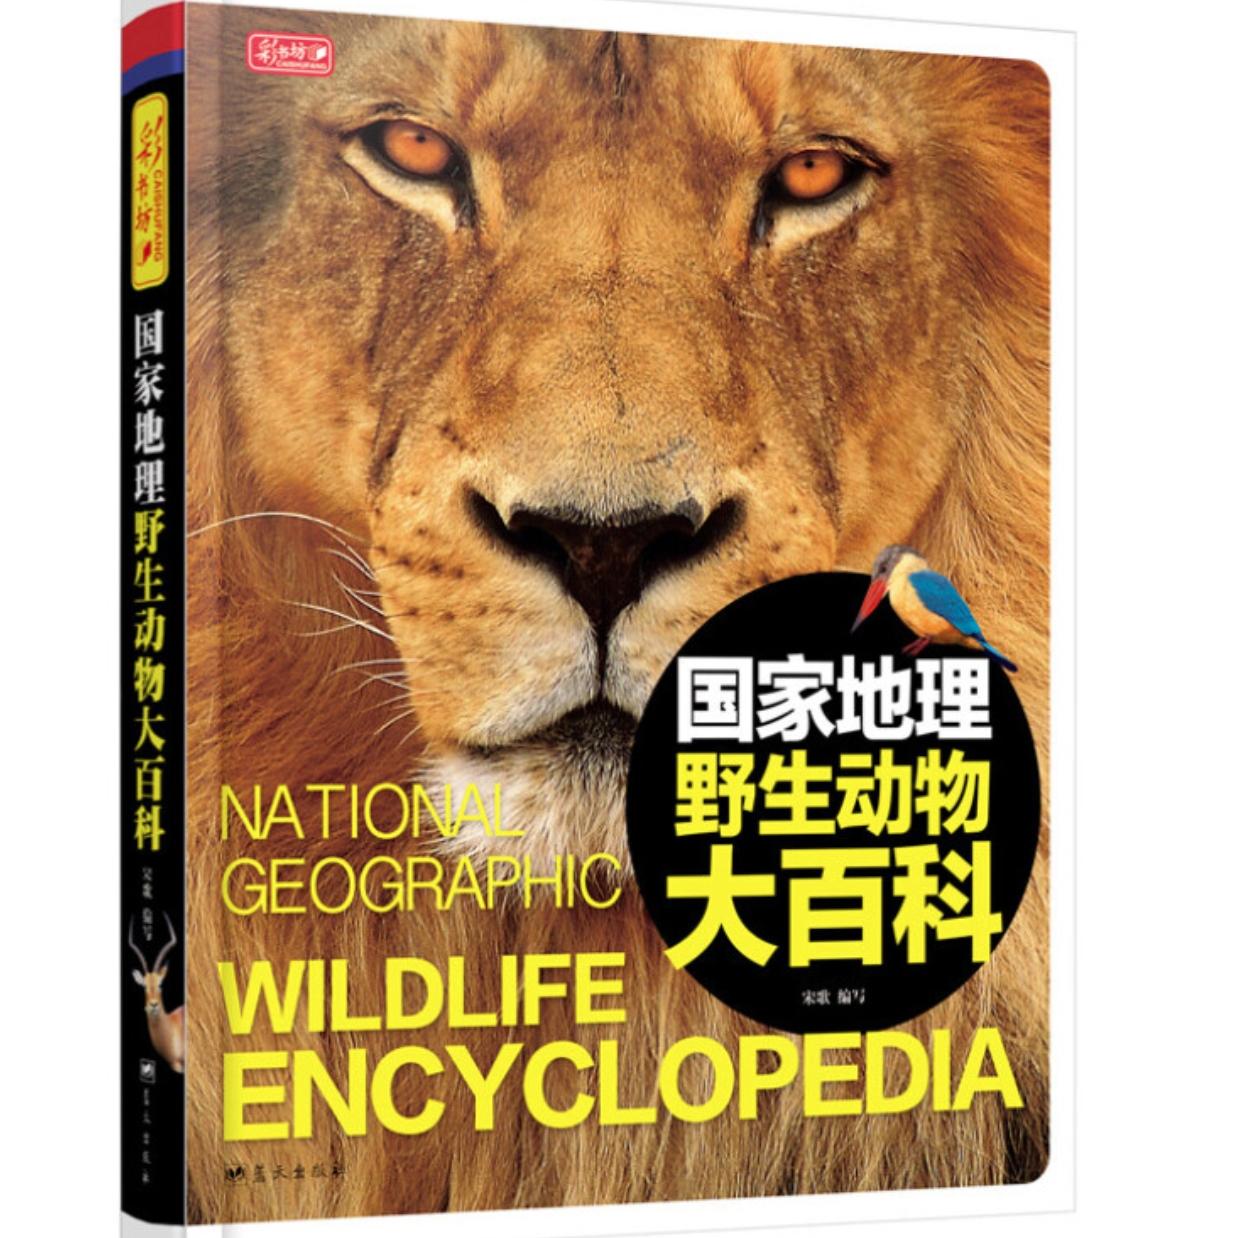 《国家地理野生动物大百科》7-10岁